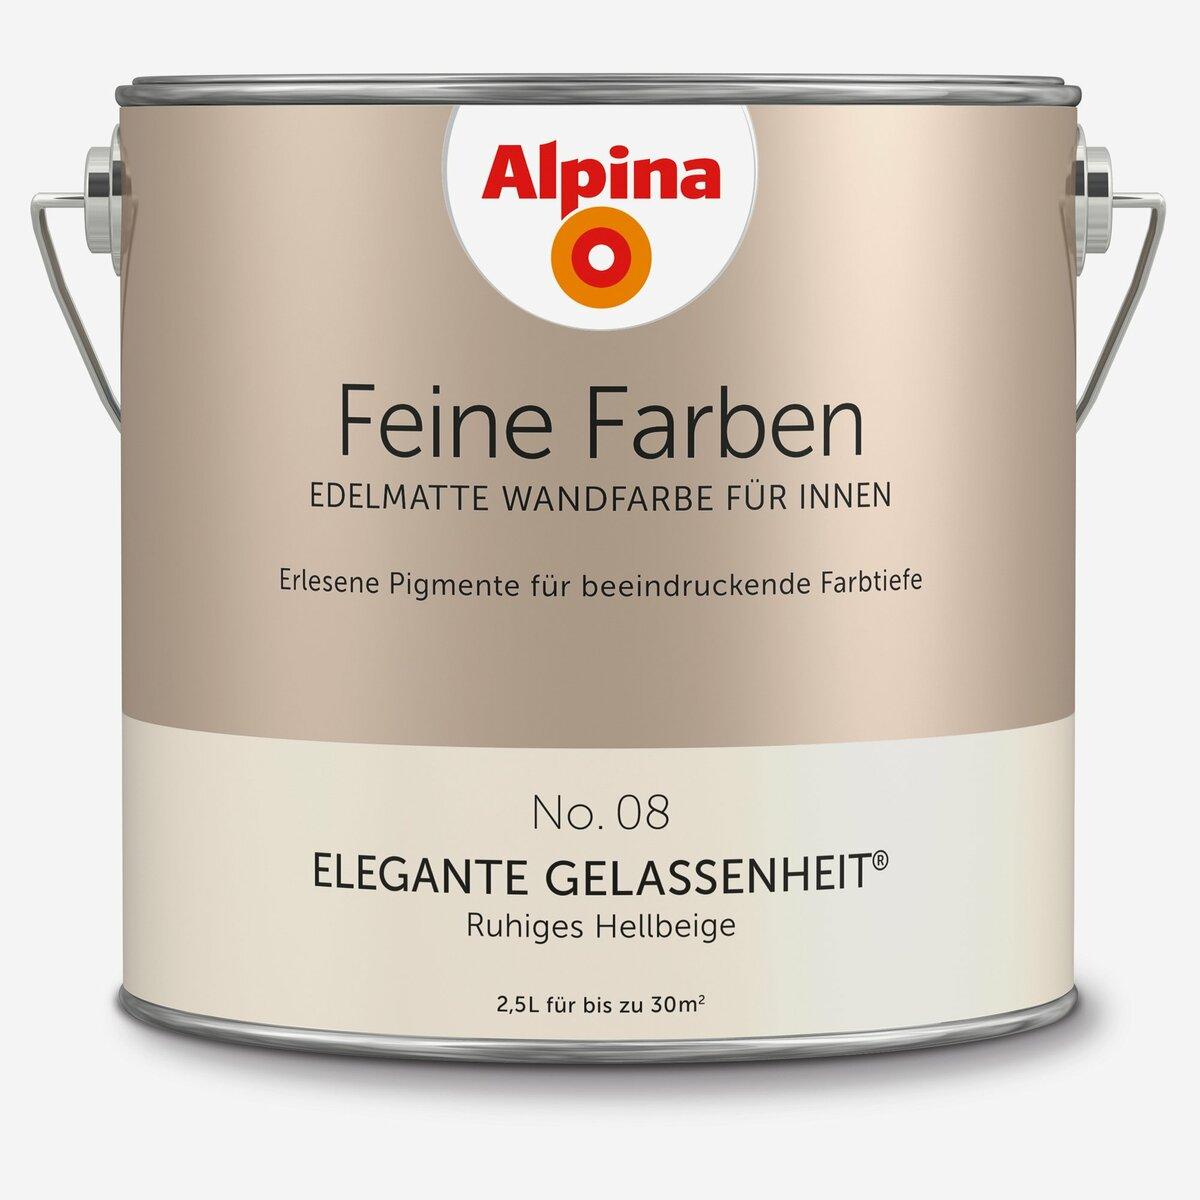 Bild 1 von Alpina -              Alpina Wandfarbe 'Feine Farben' No. 08 'Elegante Gelassenheit', hellbeige, 2,5 l